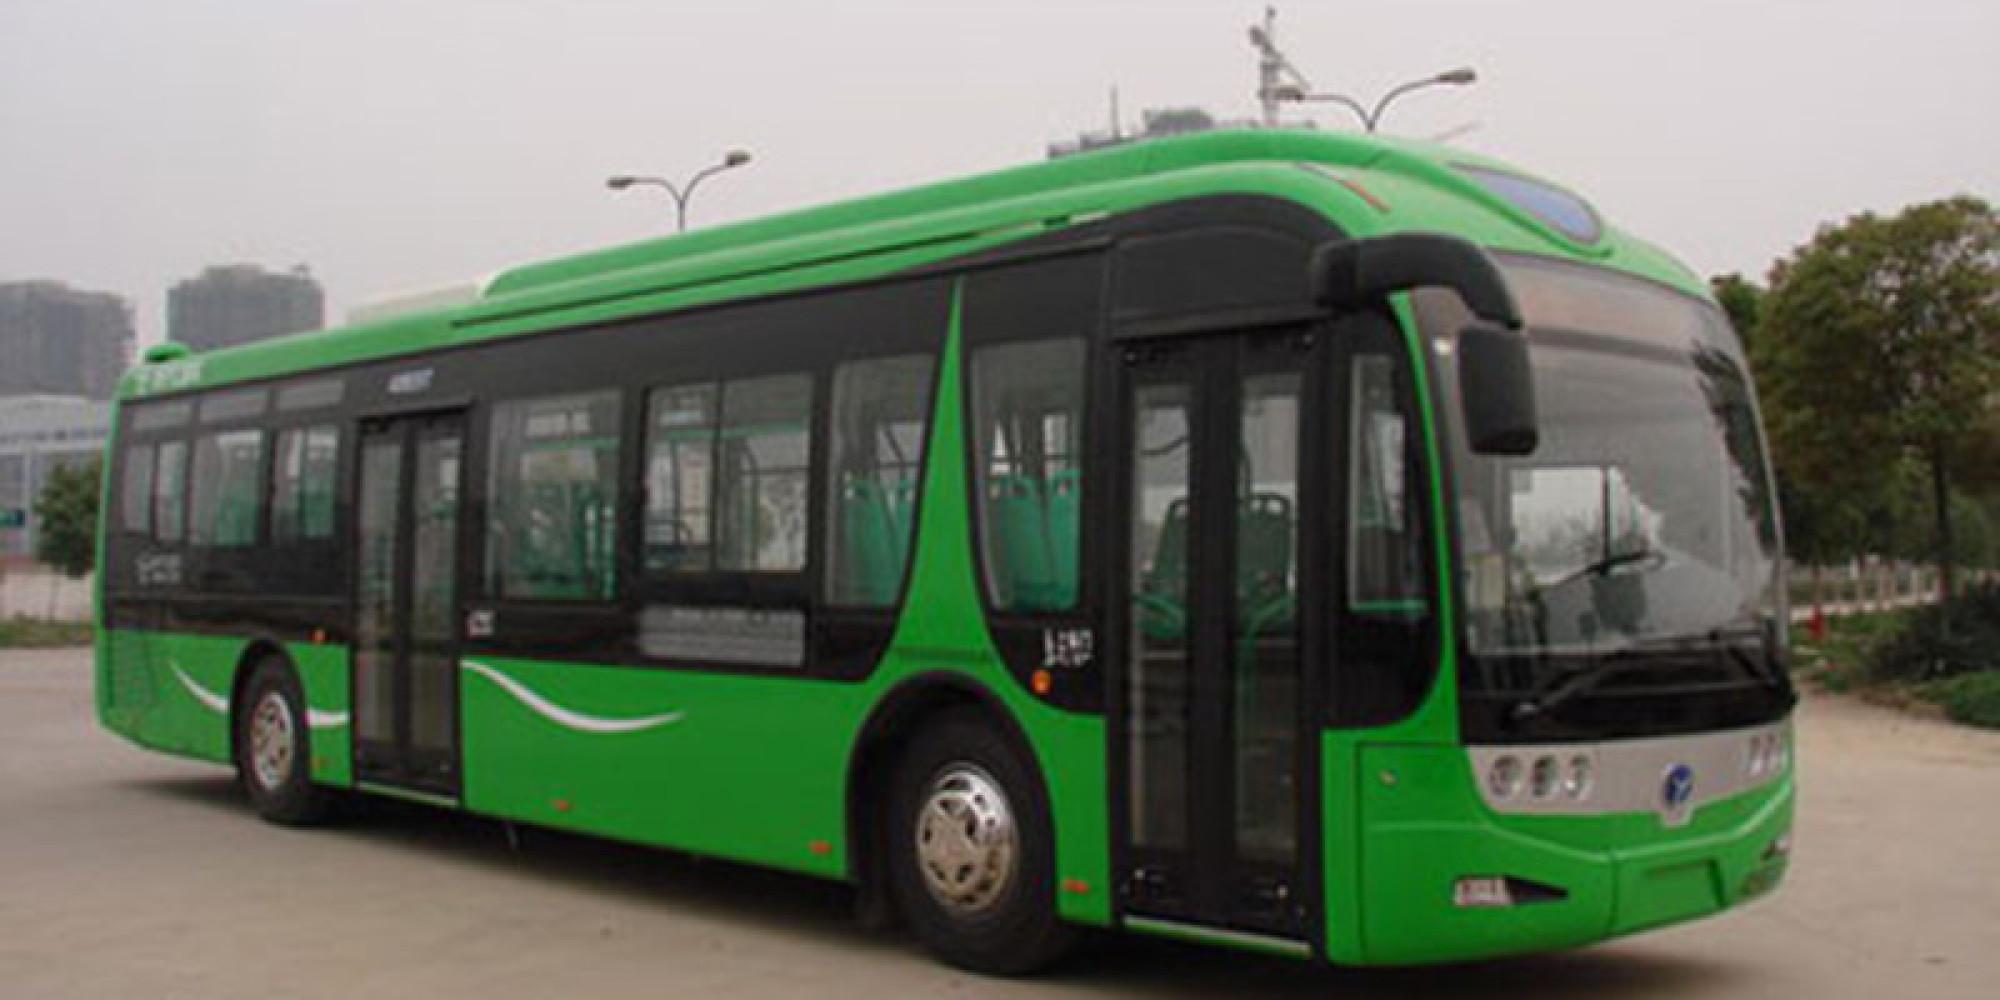 اعتماد حافلات إيكولوجية صديقة للبيئة بالرباط ابتداءا من مطلع السنة المقبلة !!